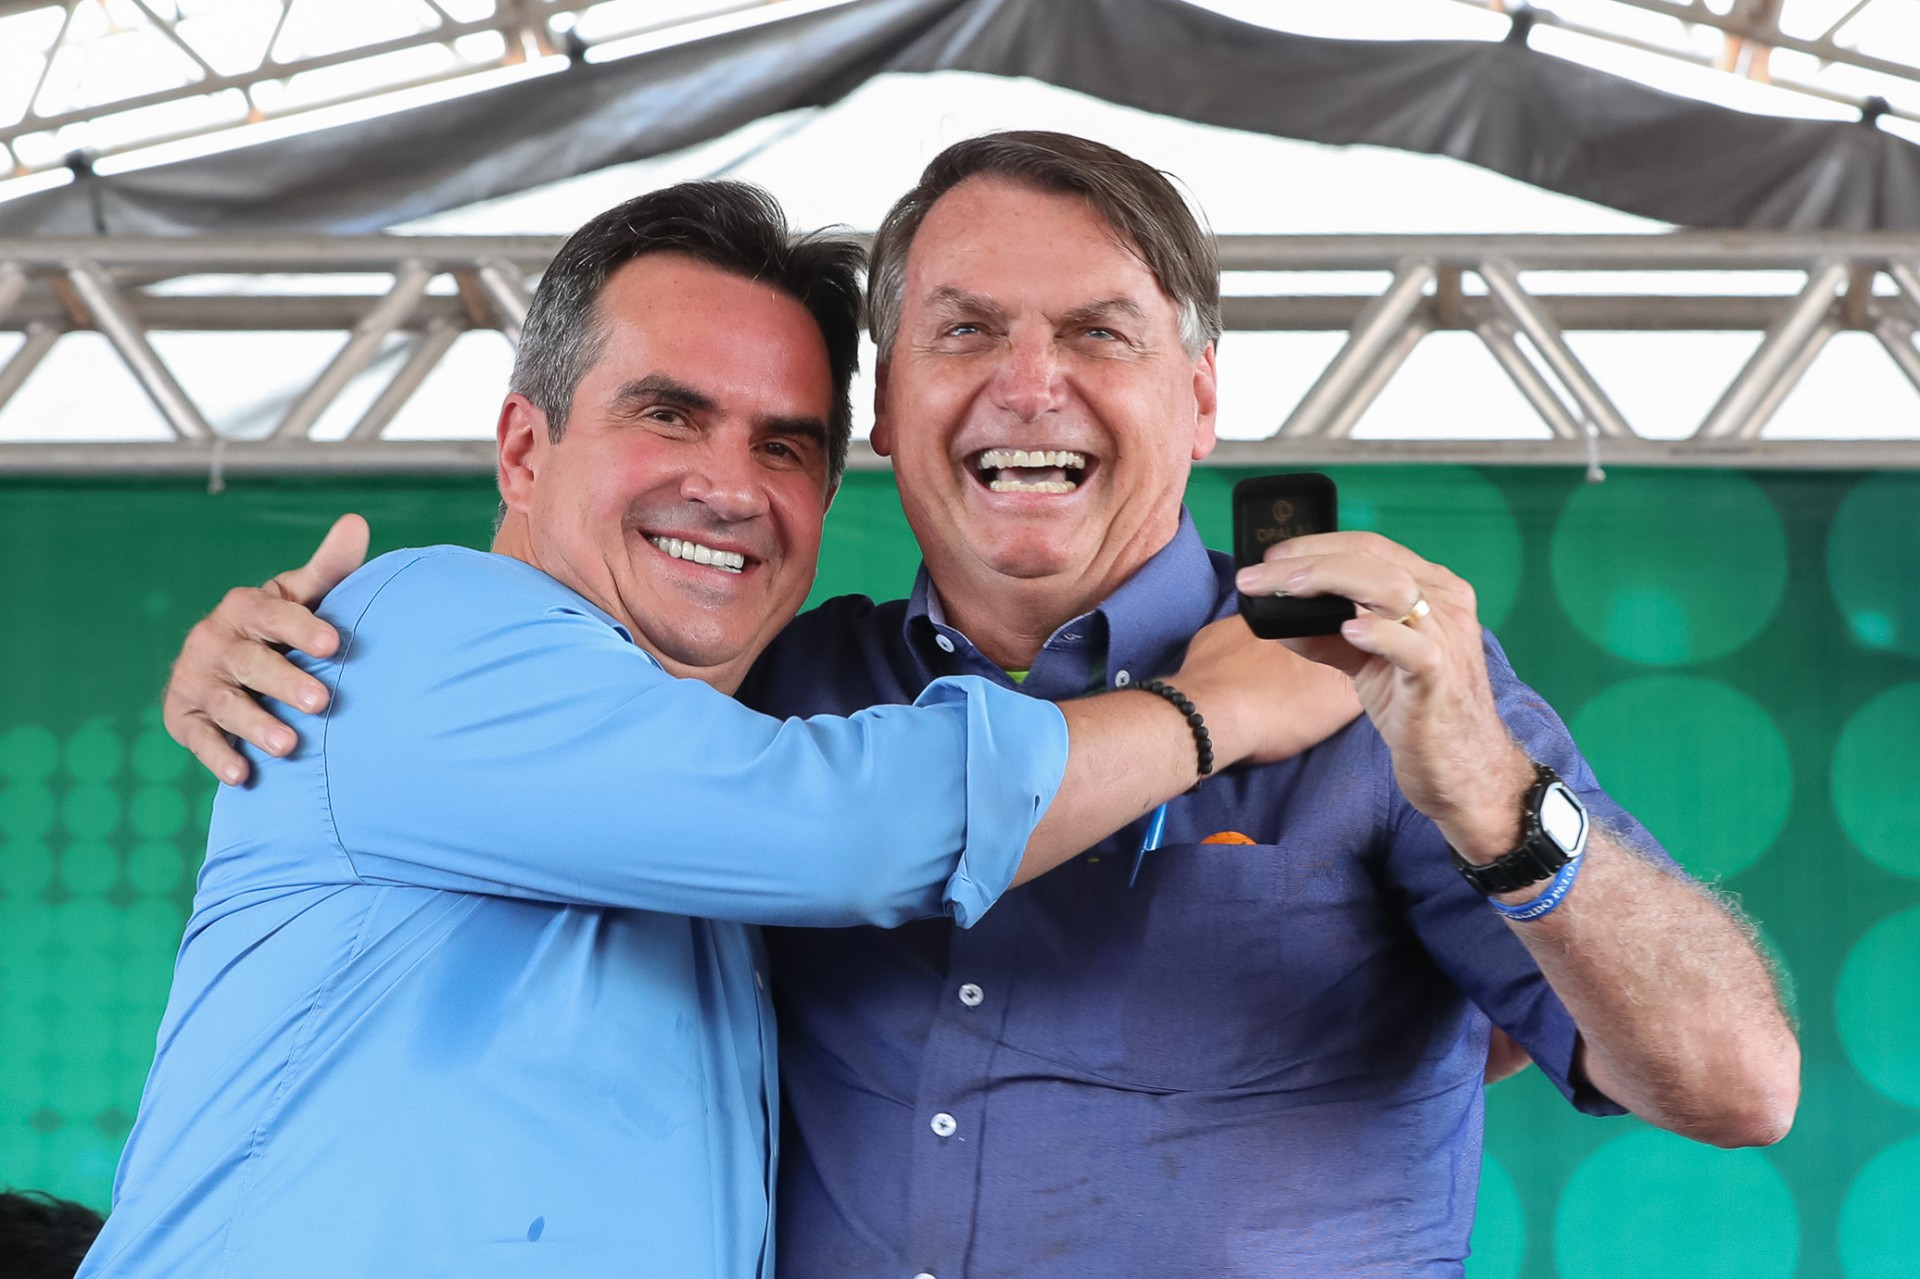 PRESIDENTE esteve ontem em evento no Piauí com o senador Ciro Nogueira, presidente do PP(Foto: Isac Nóbrega/Presidência da República)